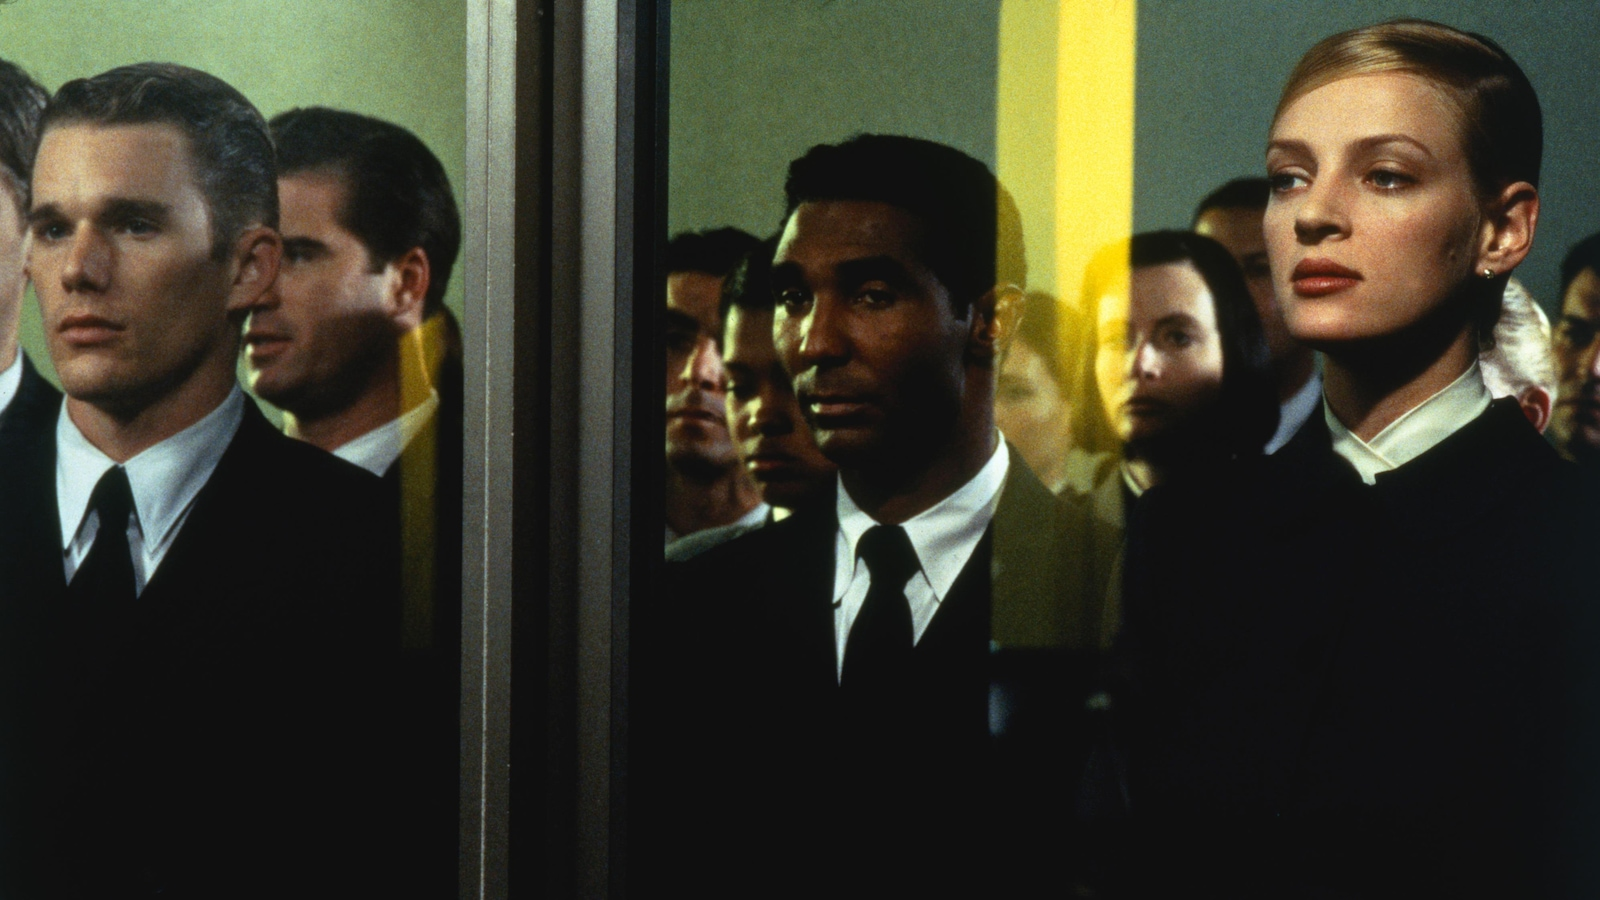 Des femmes et des hommes en costumes noirs, derrière une porte vitrée